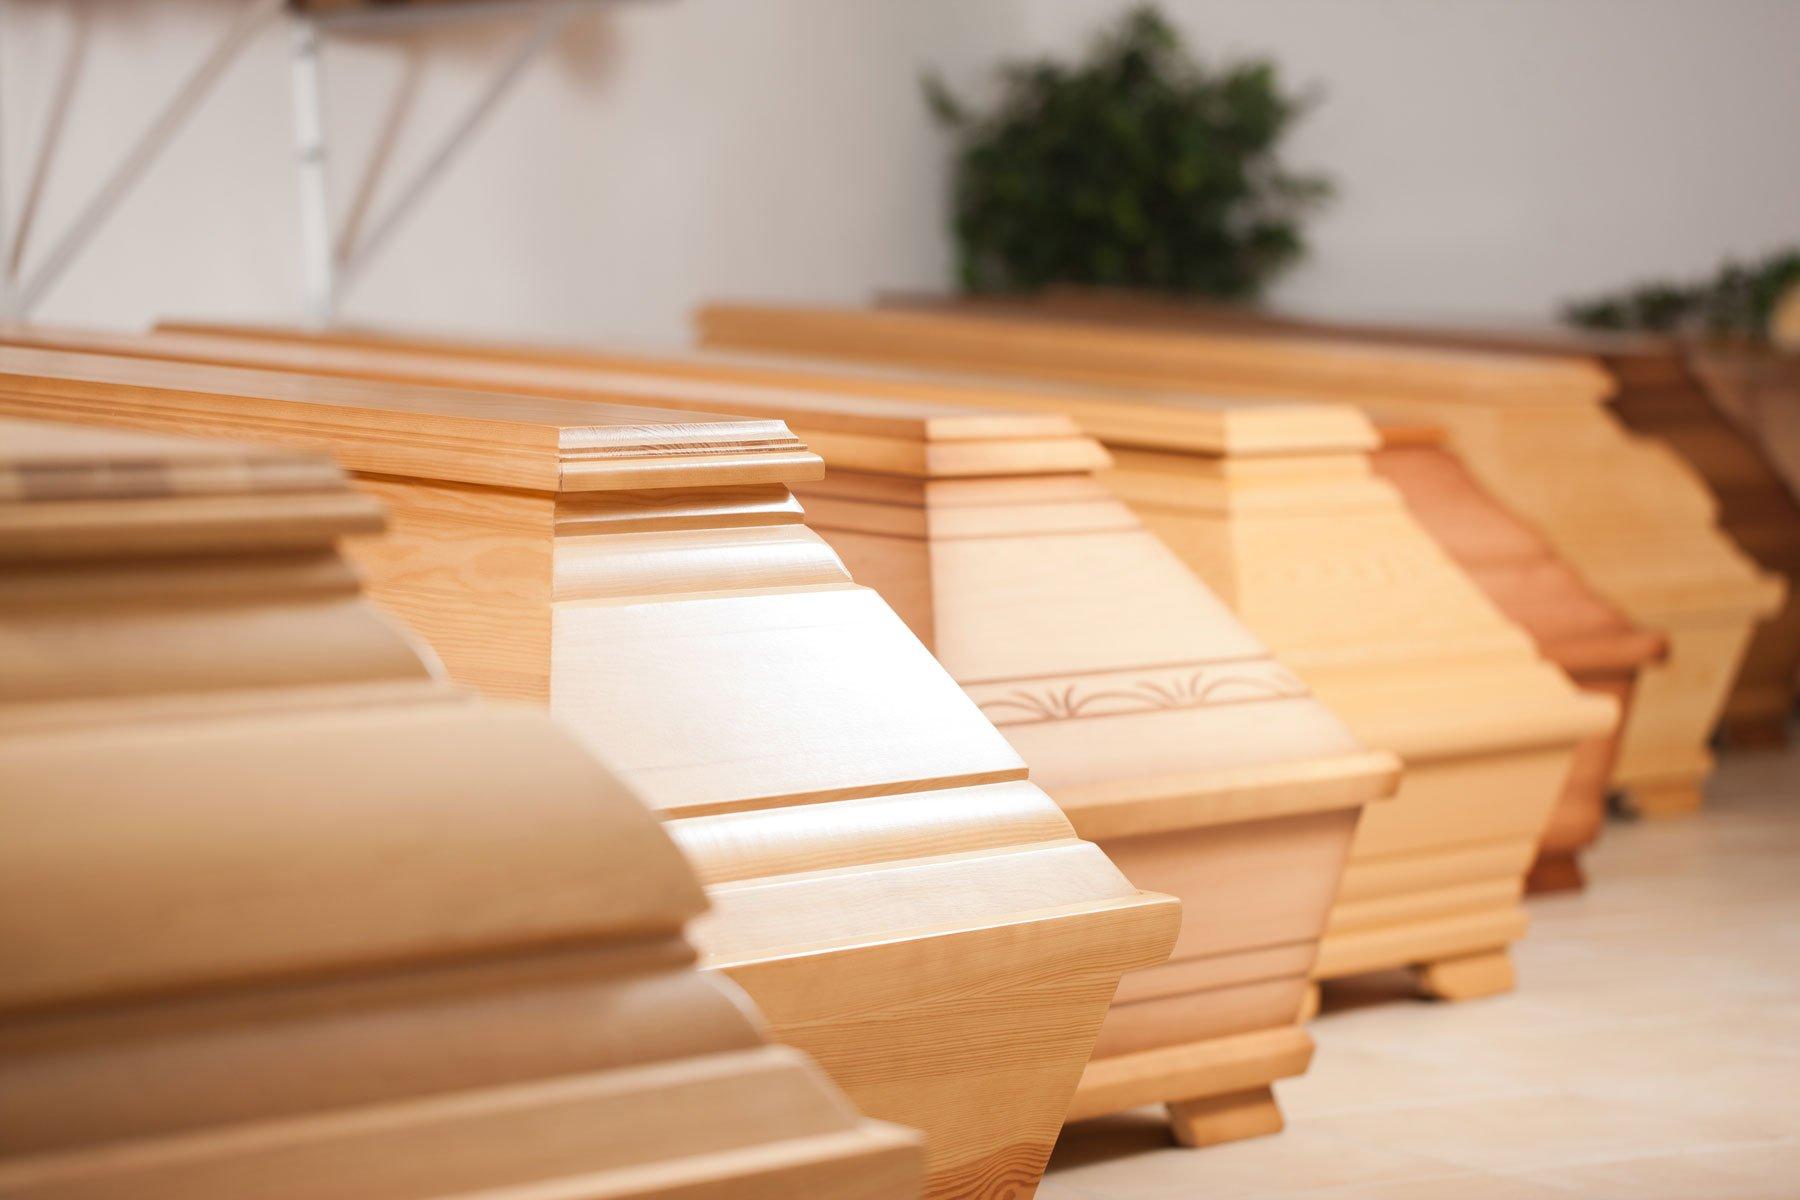 delle bare in legno color sabbia